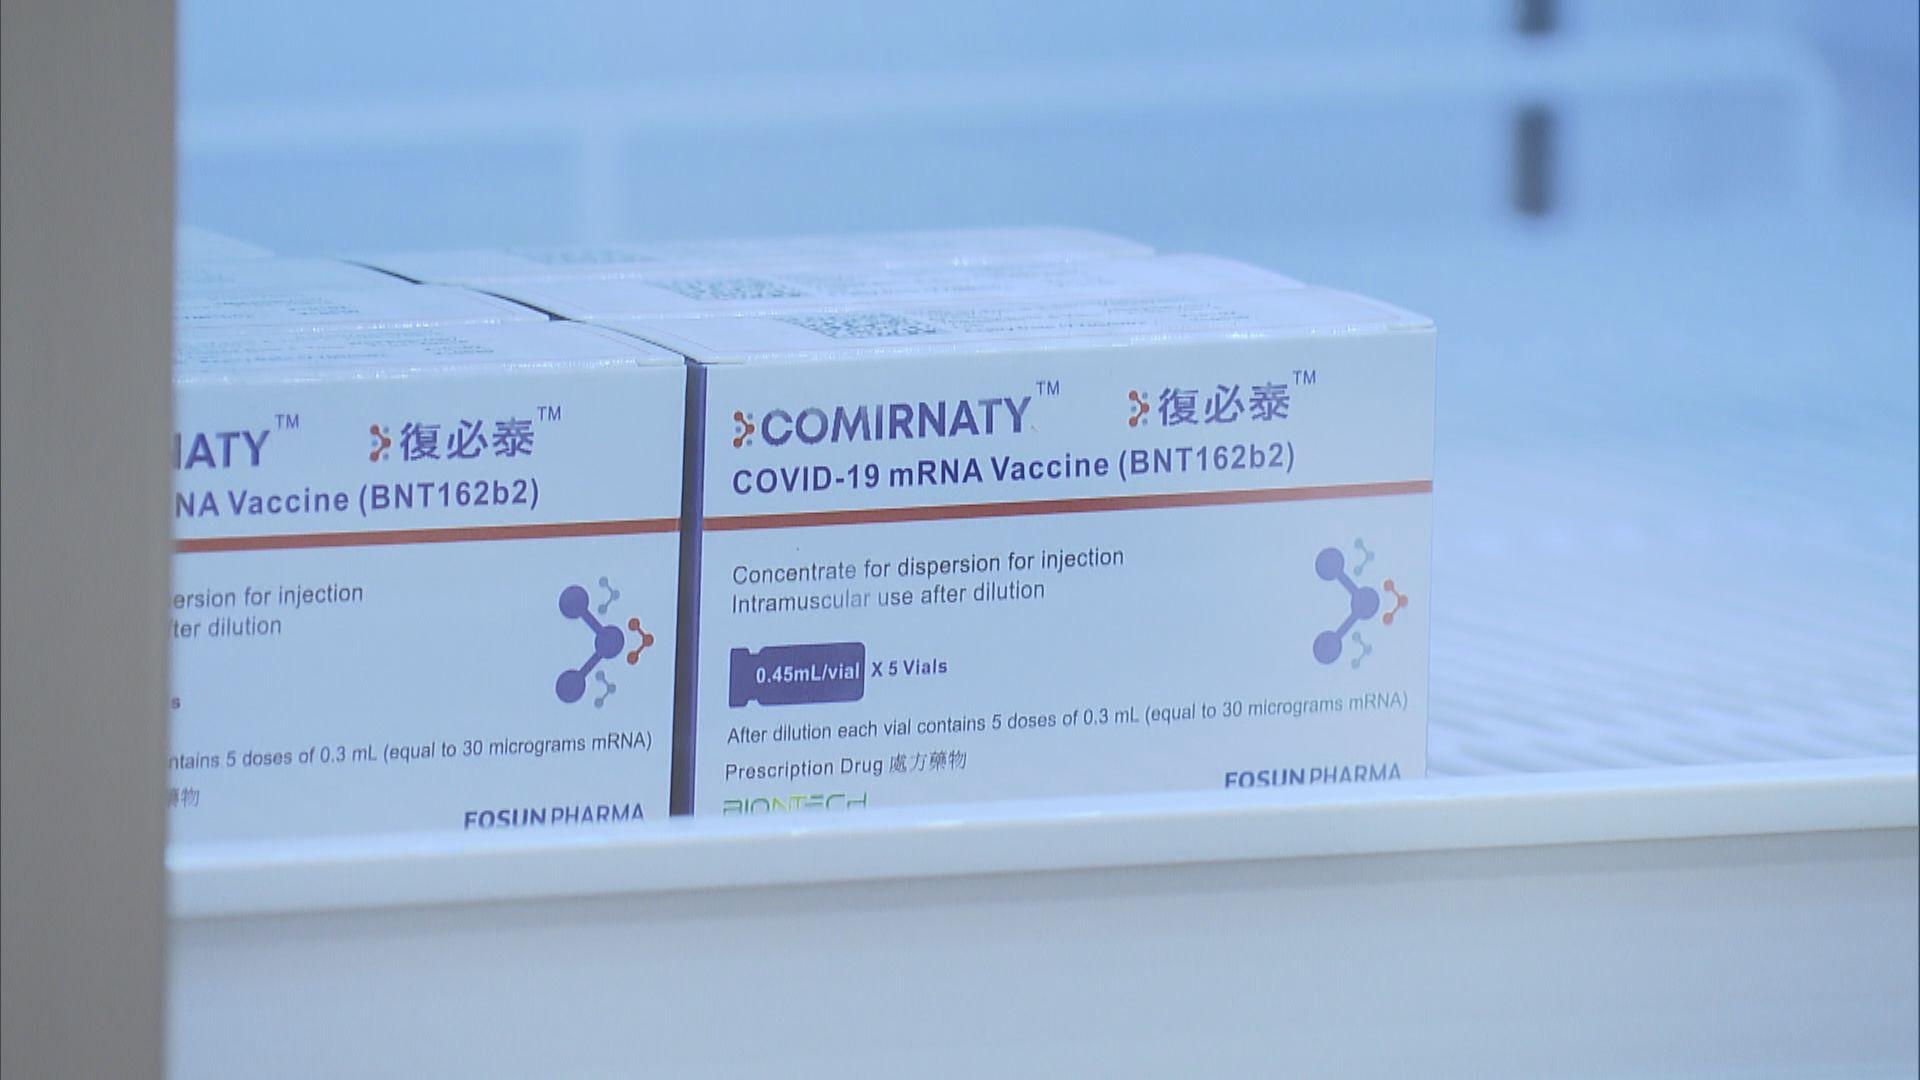 復星向台提供首批復必泰疫苗明早運抵